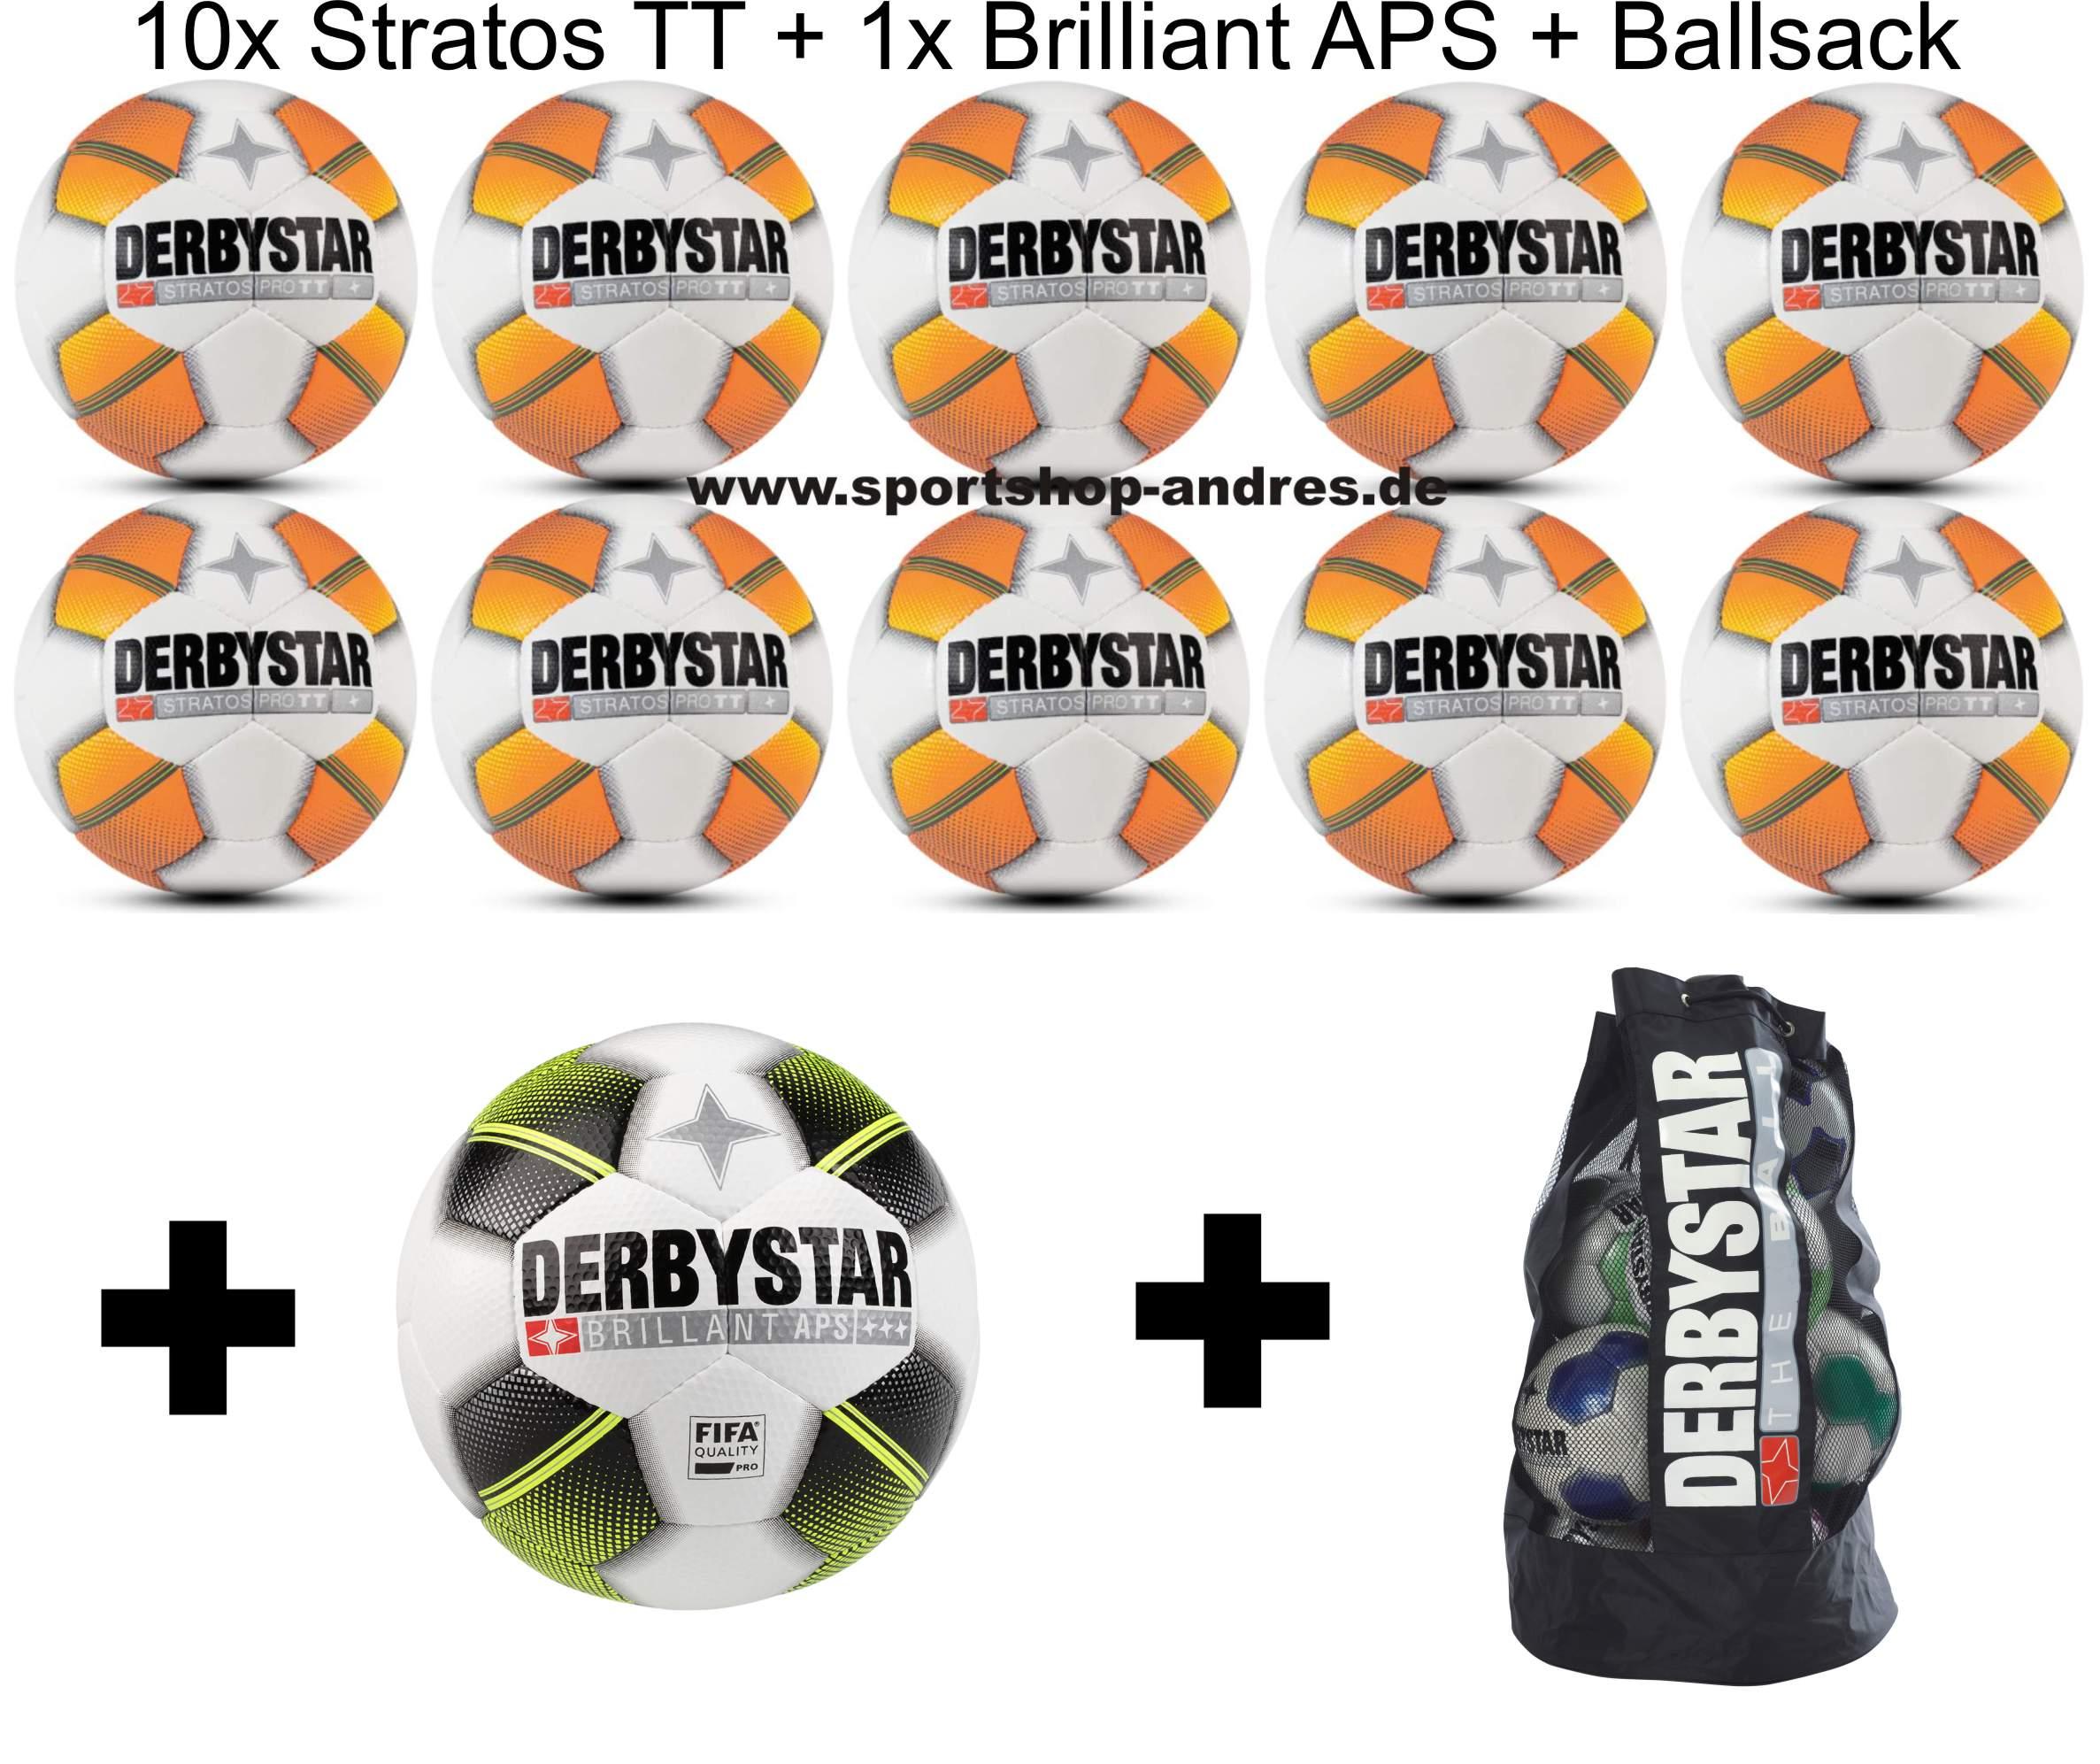 Derbystar Stratos Pro TT